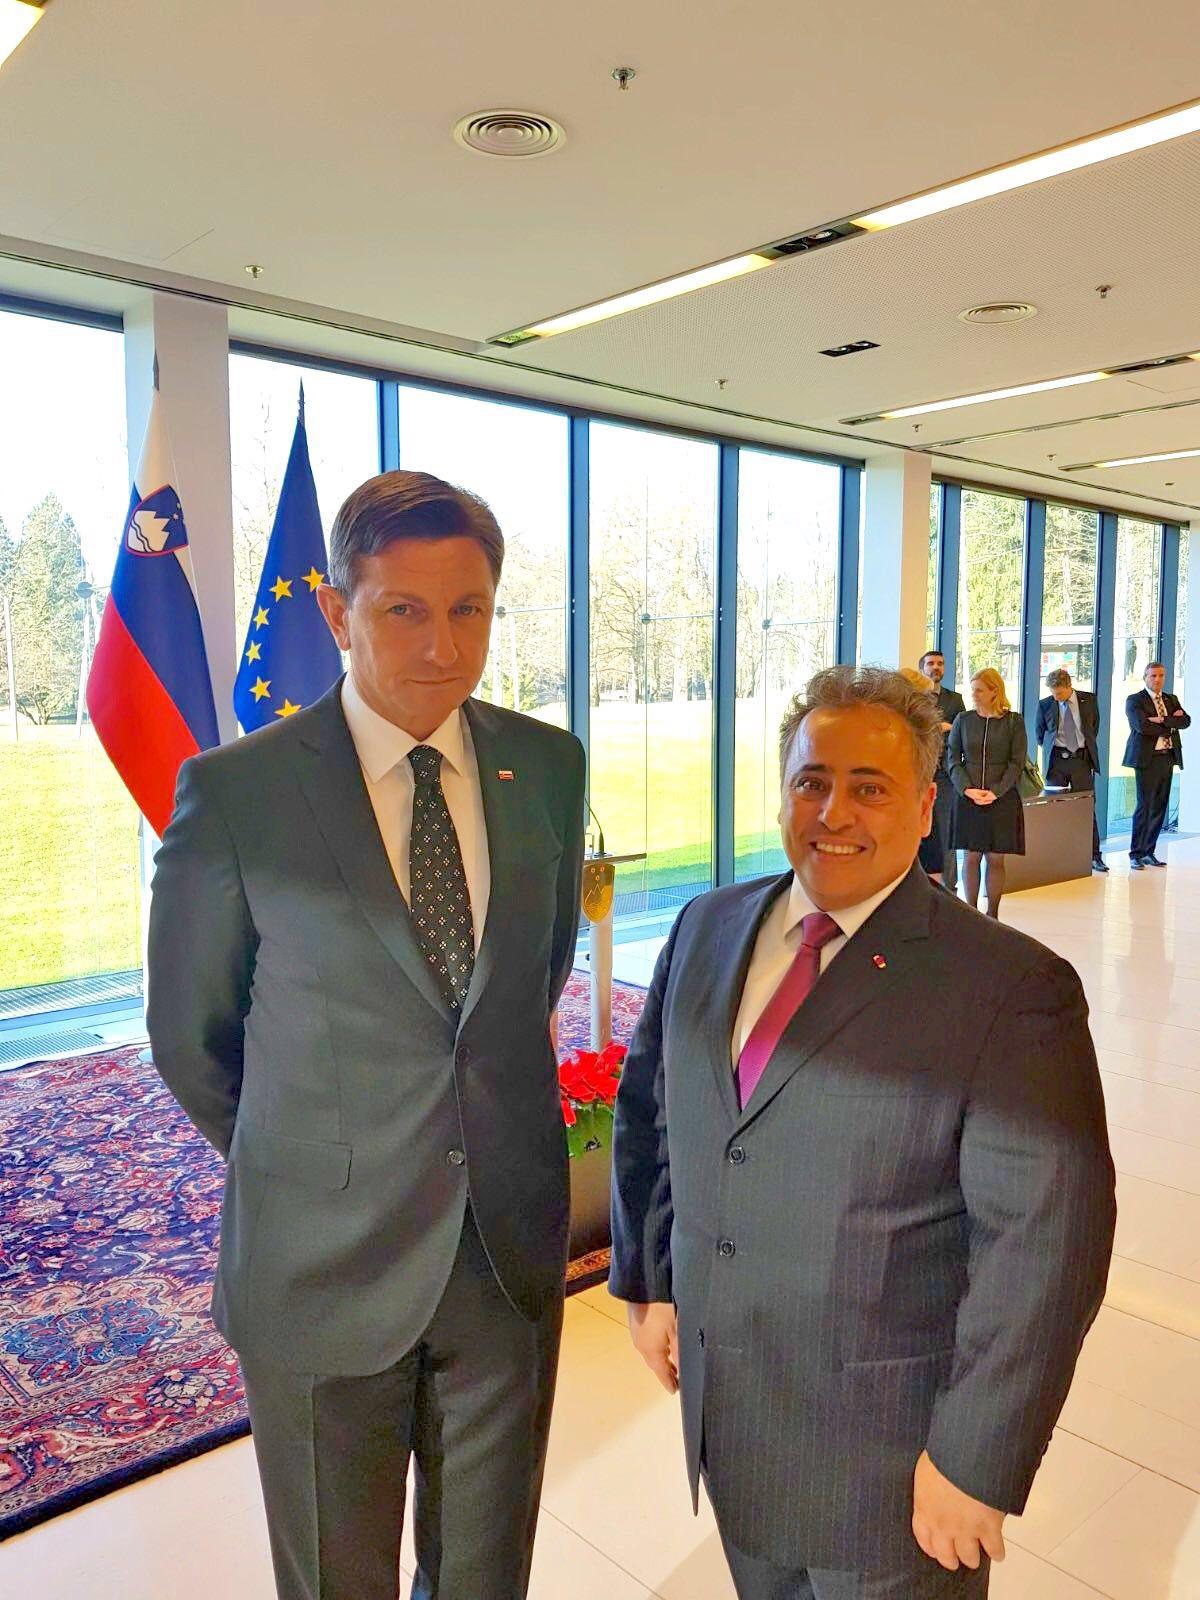 الرئيس السلوفيني يستقبل سفير قطر